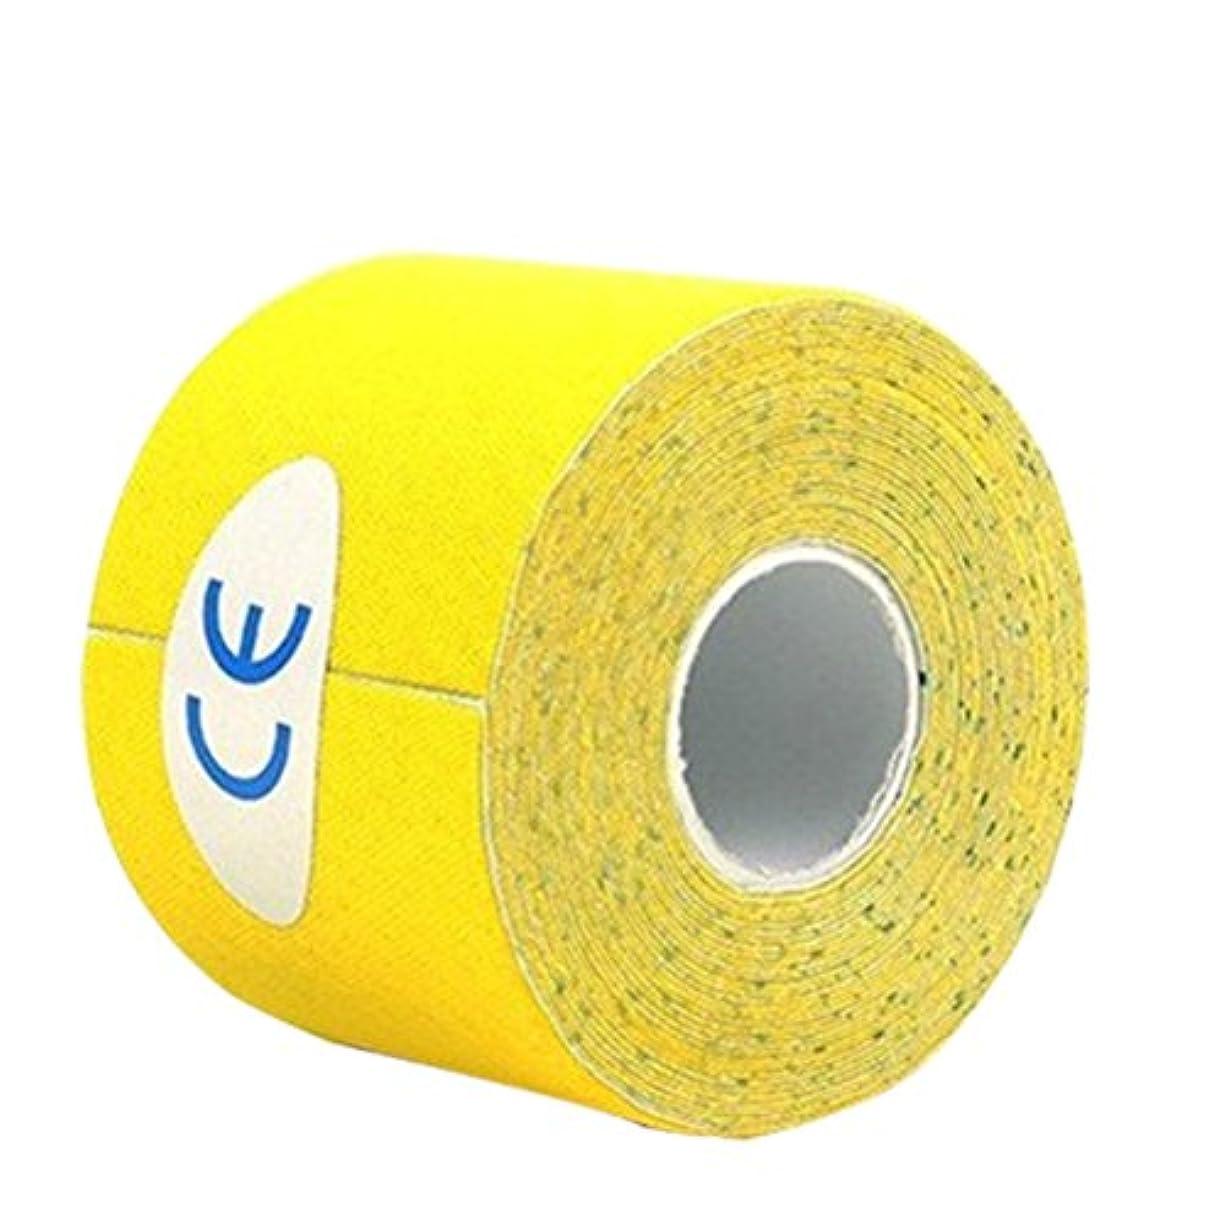 する必要がある小川グローブROSENICE キネシオロジーテープセットセラピースポーツフィジオセラピー500x2.5cm(イエロー)